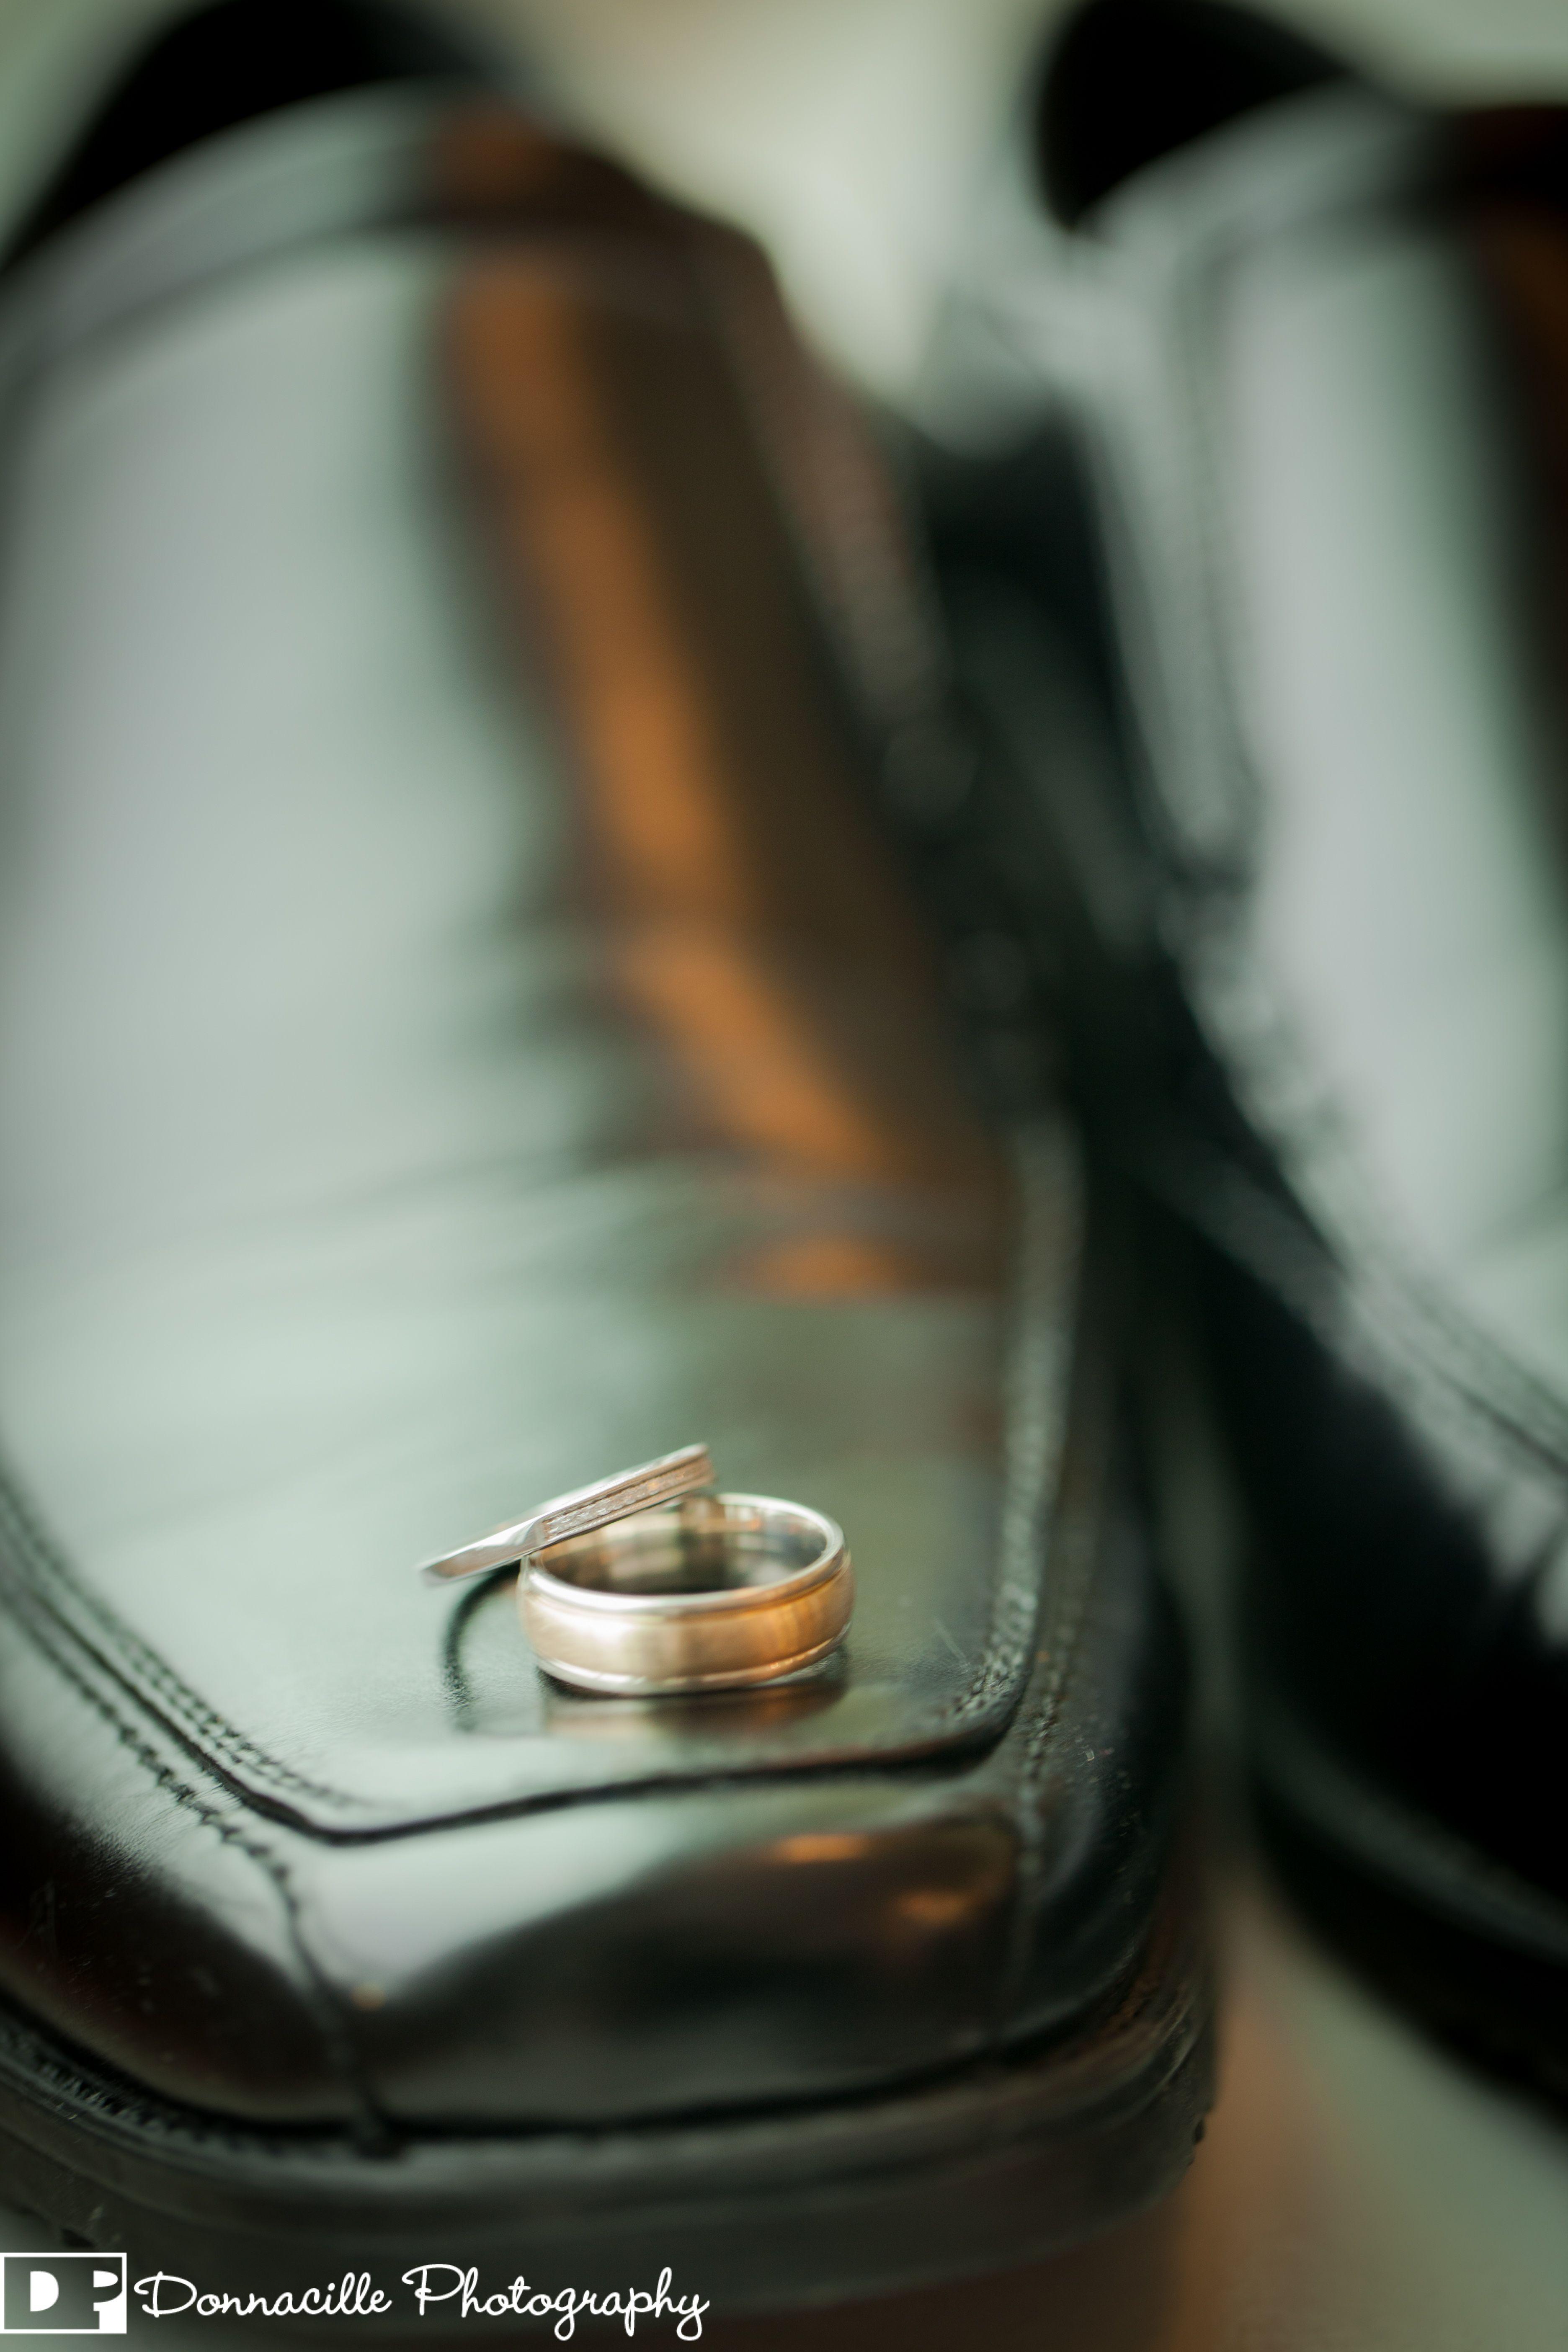 Donnacile Photography - Wedding ring photos